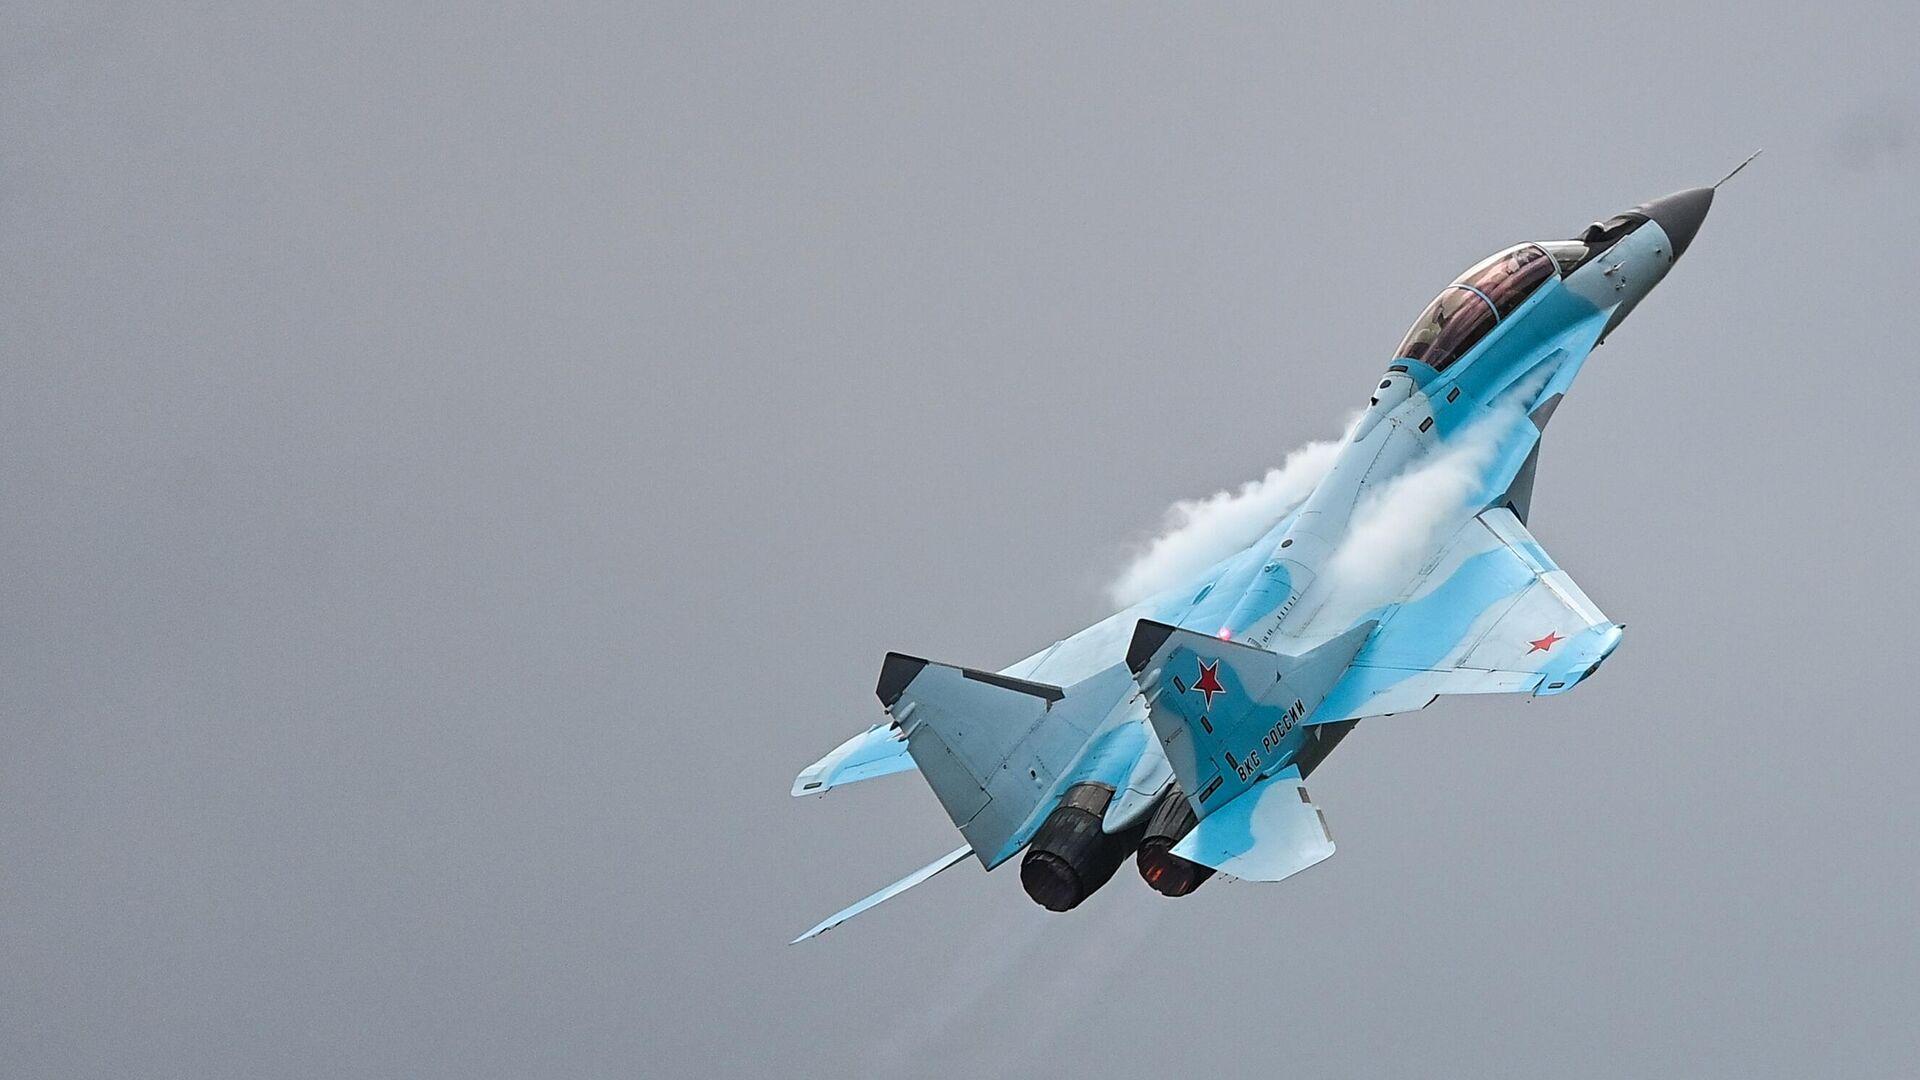 Российский многоцелевой сверхманёвренный истребитель с управляемым вектором тяги Су-35  - Sputnik Таджикистан, 1920, 10.08.2021